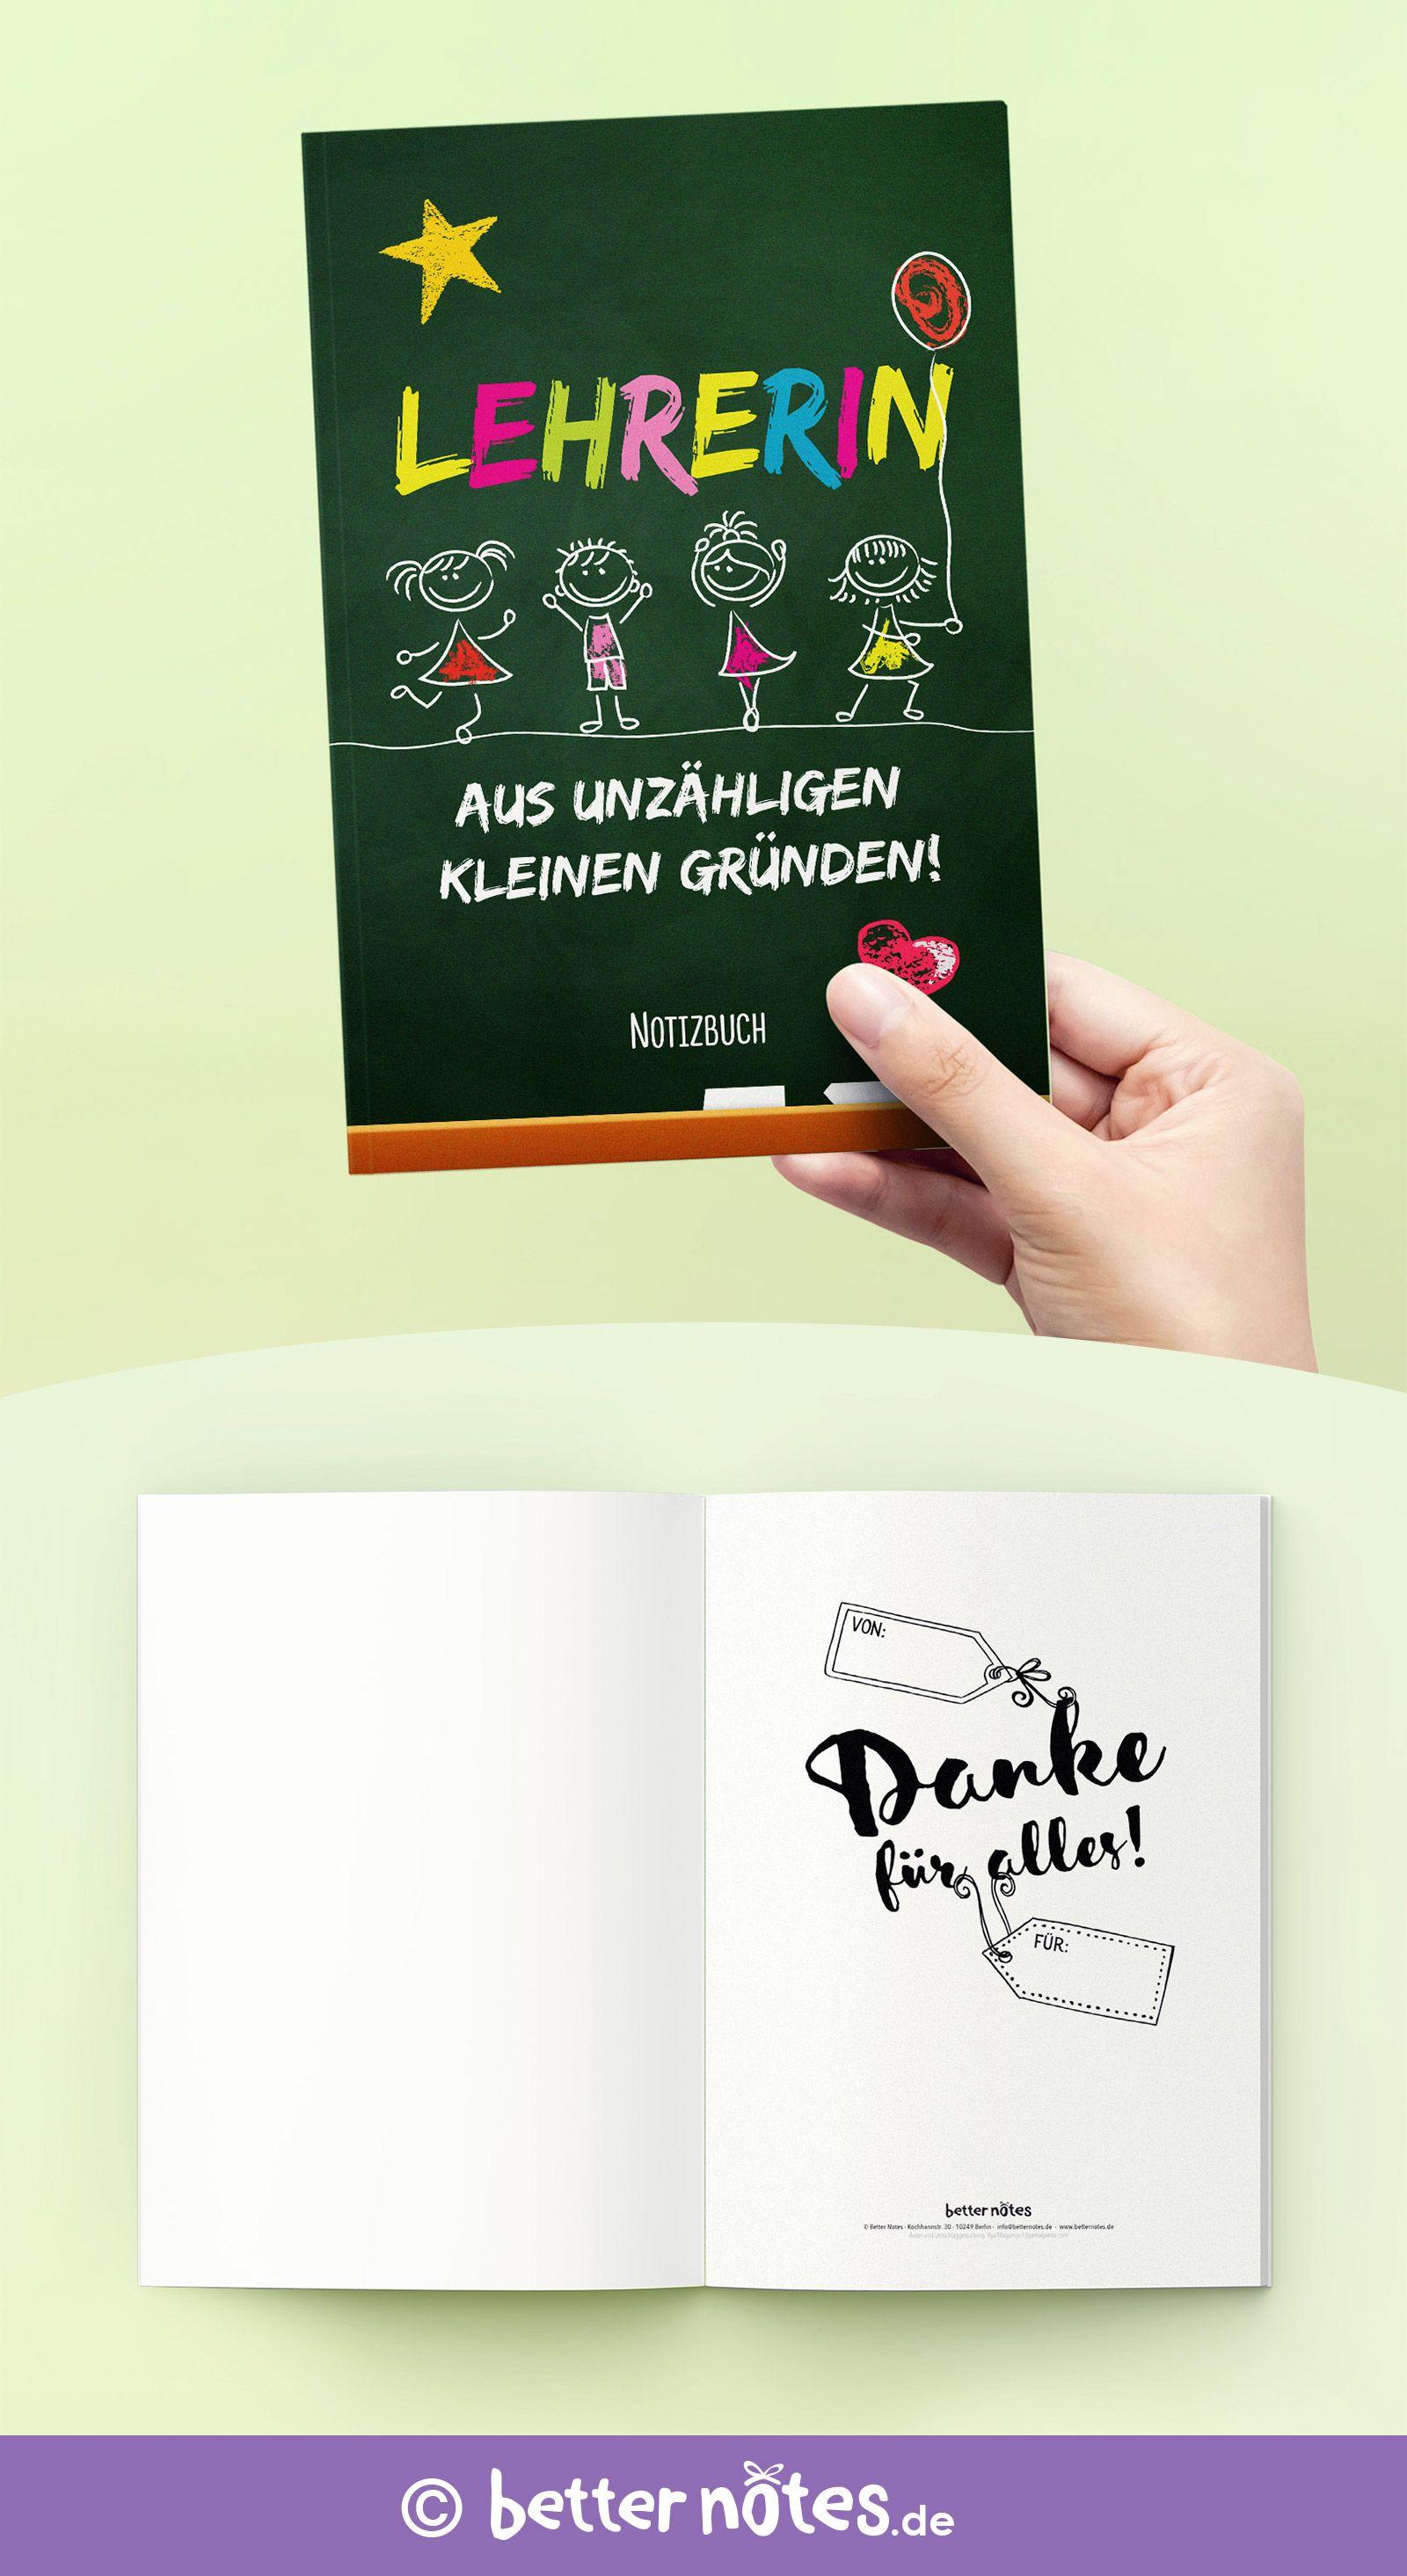 Lehrerin Aus Unzähligen Kleinen Gründen Schönes Notizbuch